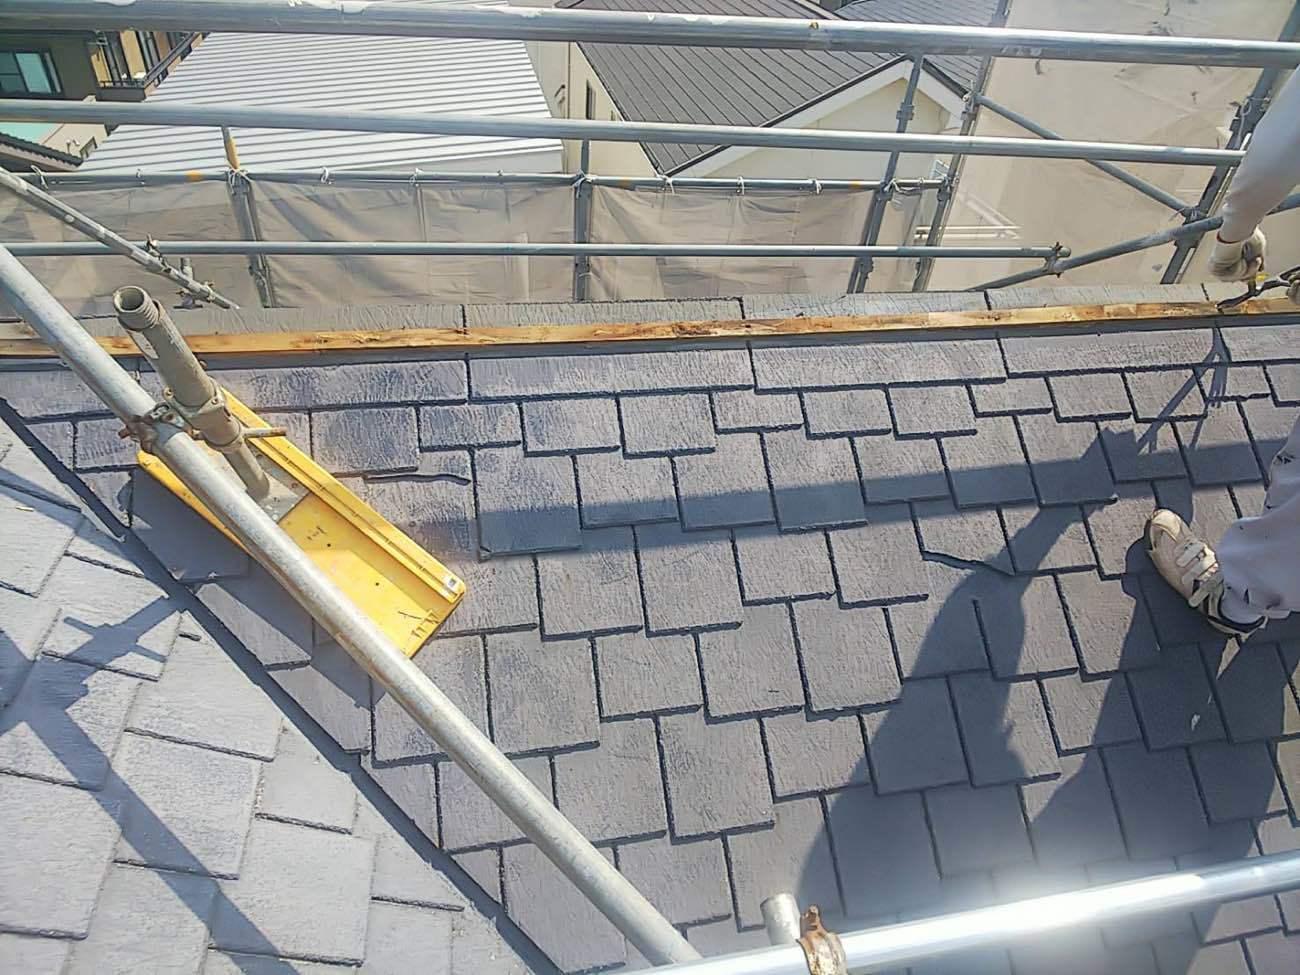 安城市にて屋根の葺き替え工事がスタート!!めくり工事とは?